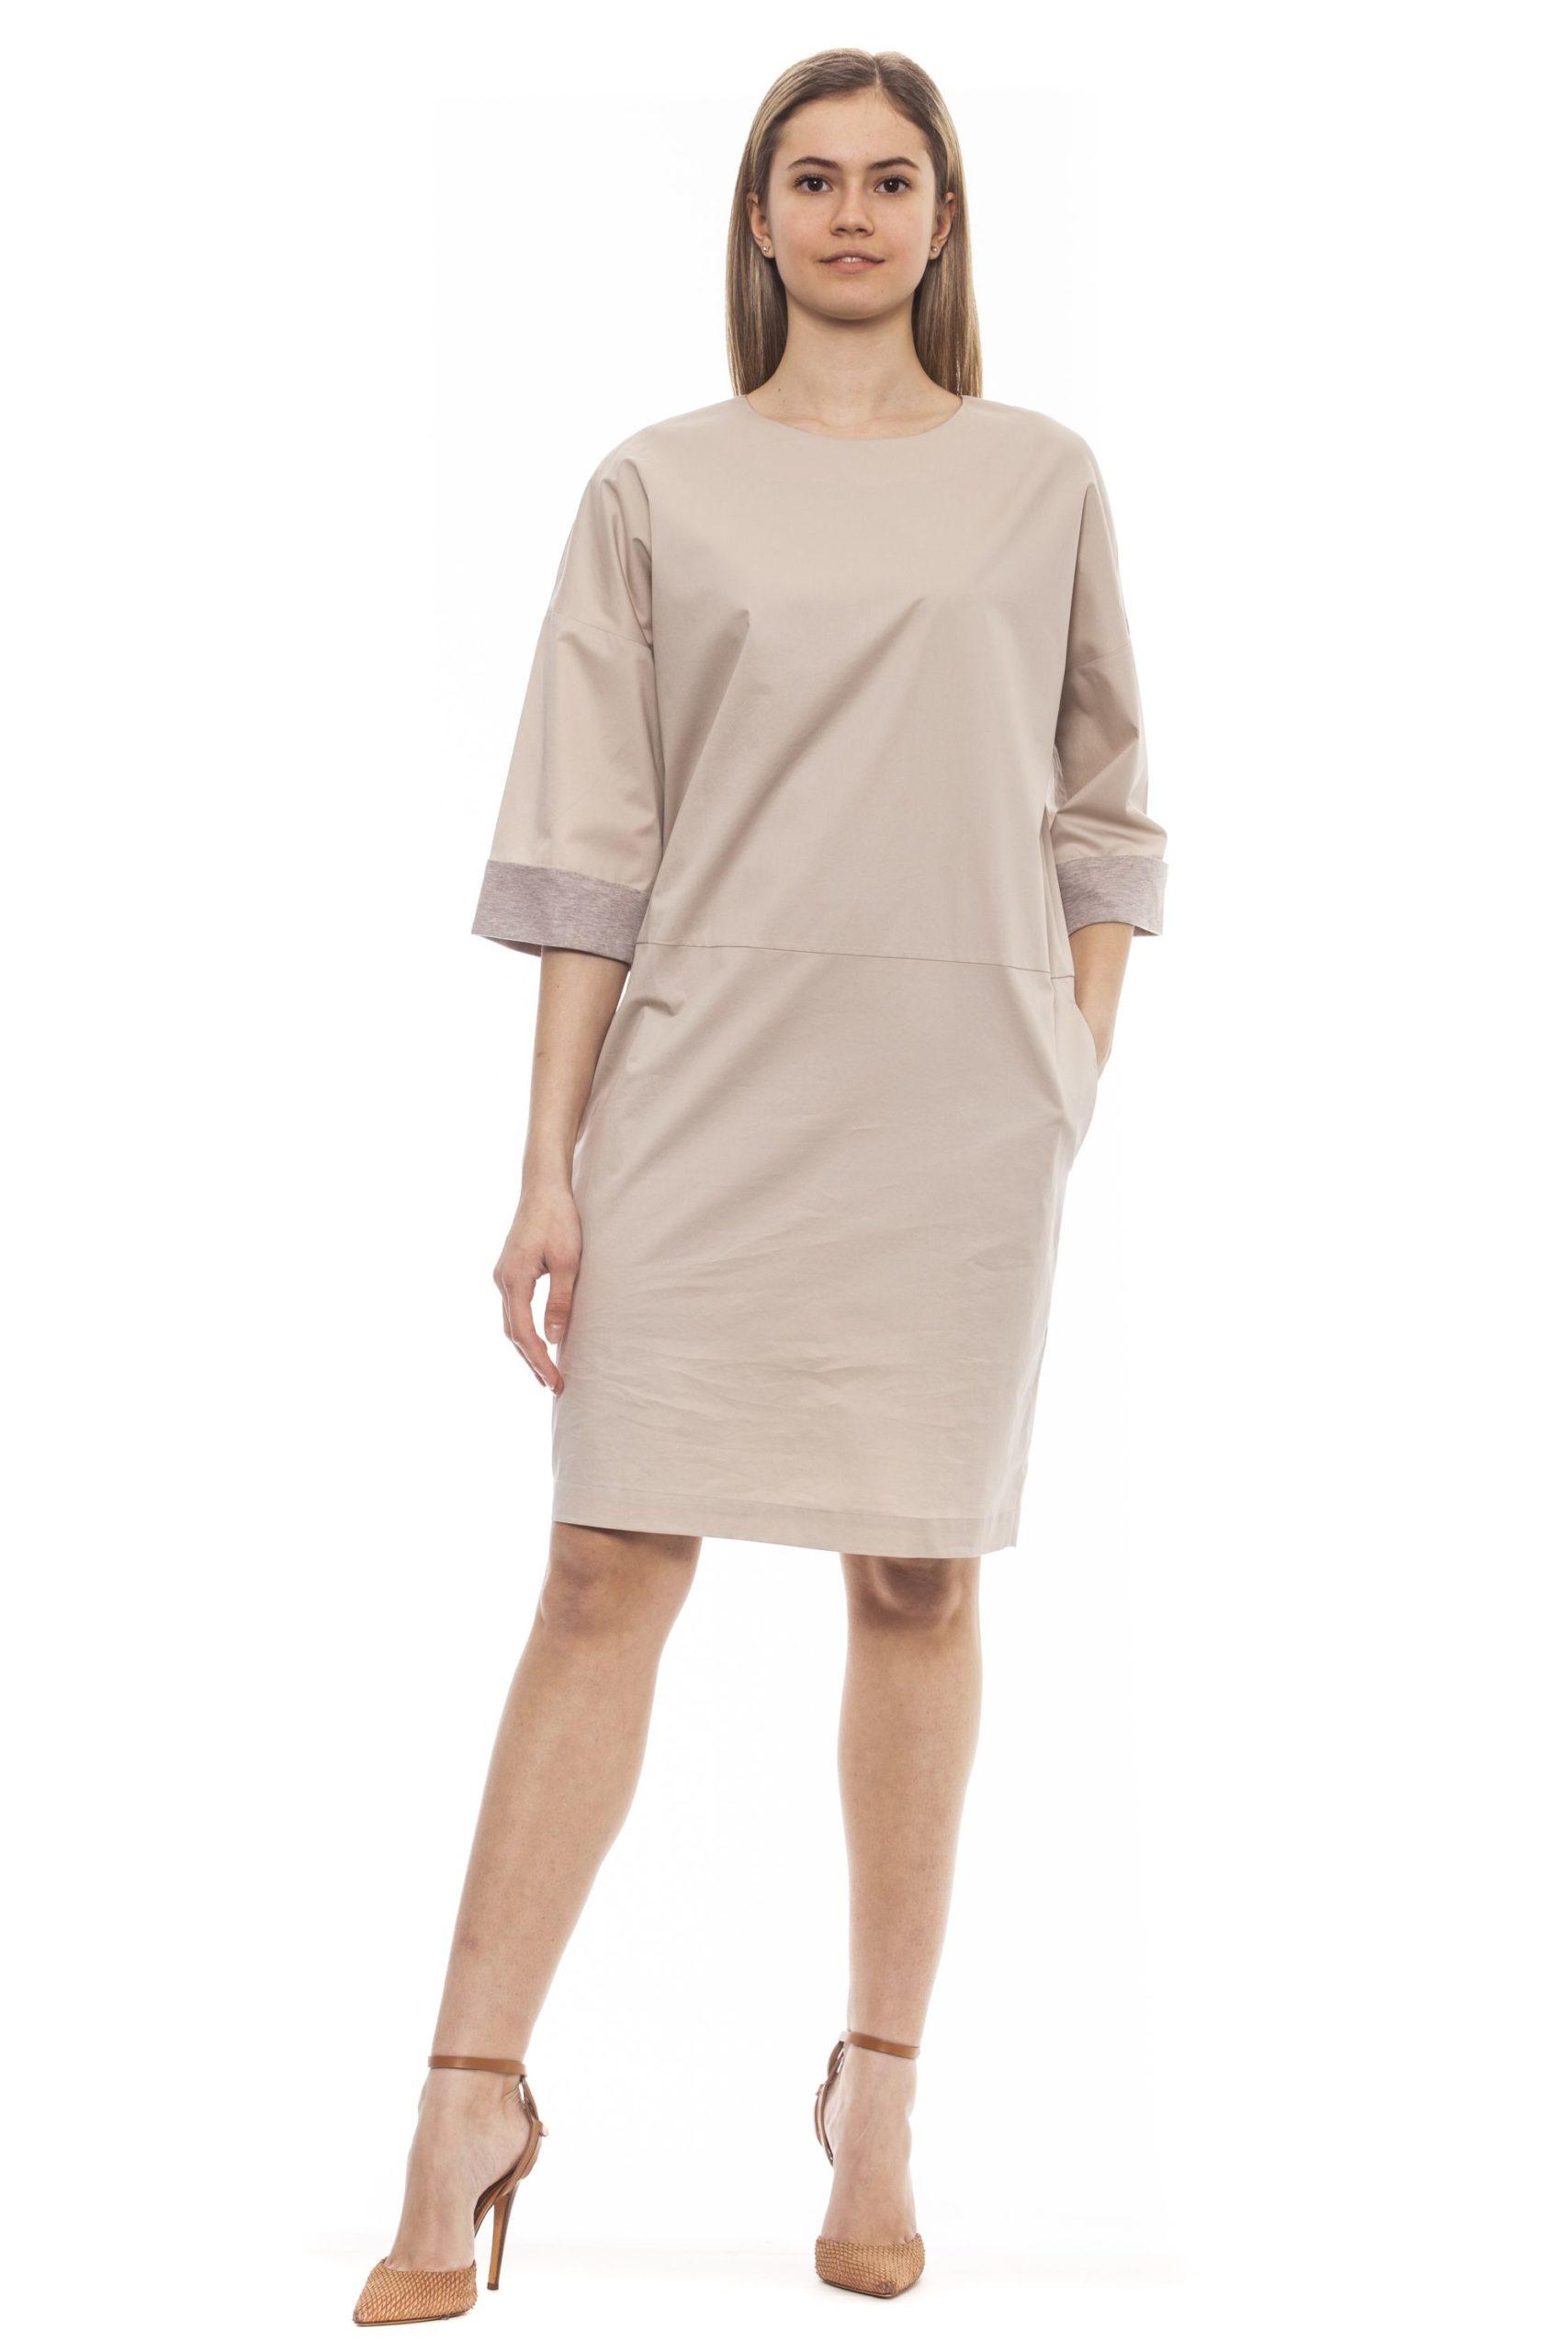 Peserico Women's Dress Beige PE1383267 - IT42   S